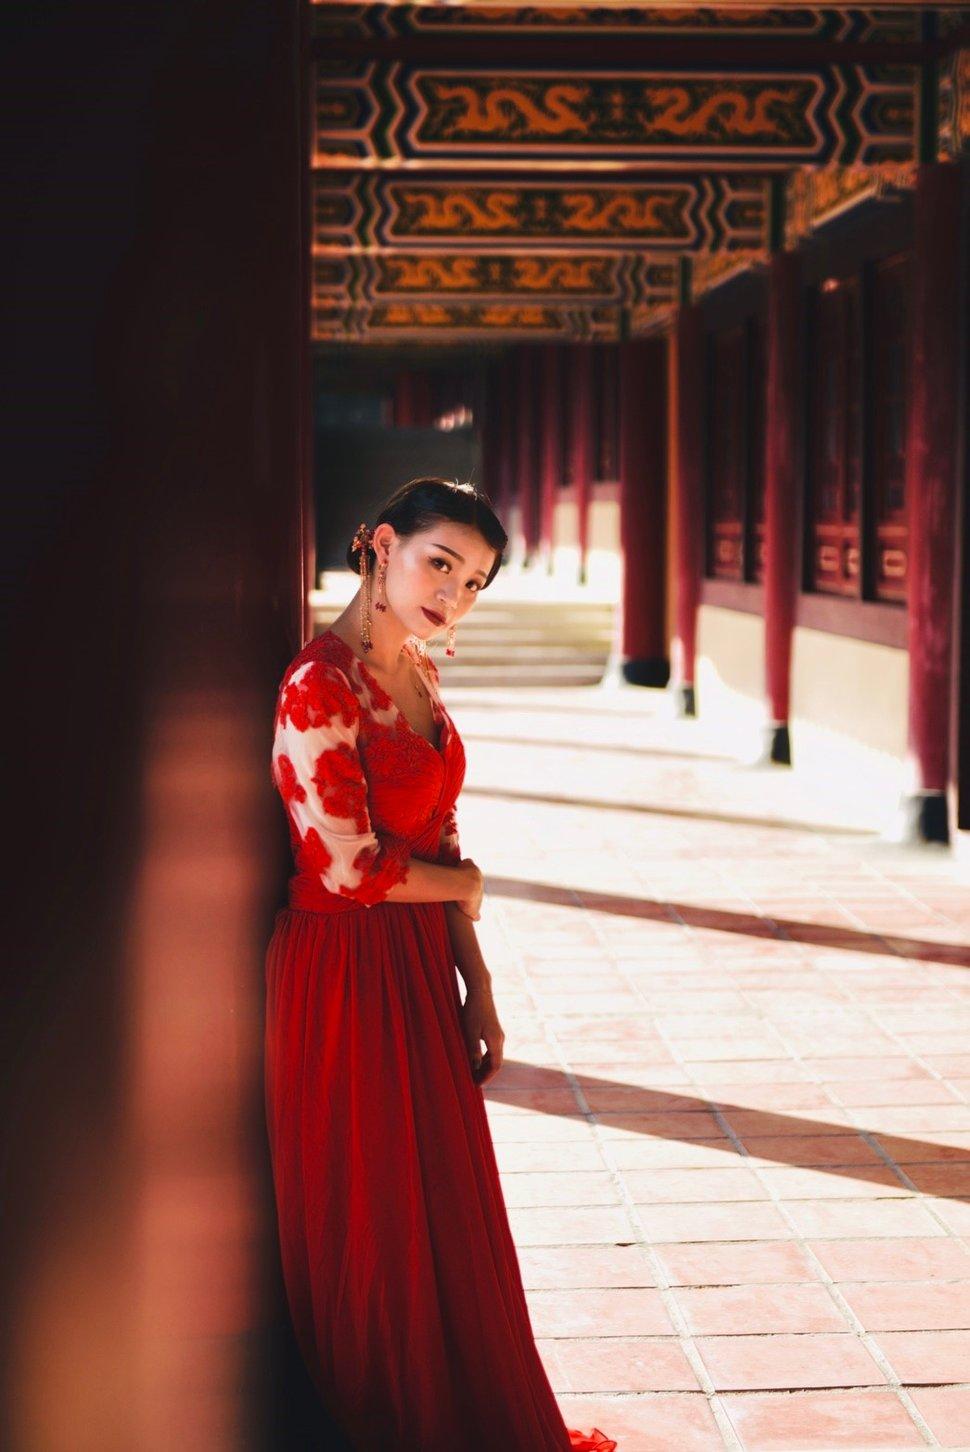 新年主題 By梵哲_190410_0021 - Zona時尚美甲x新娘秘書整體造型工作室《結婚吧》